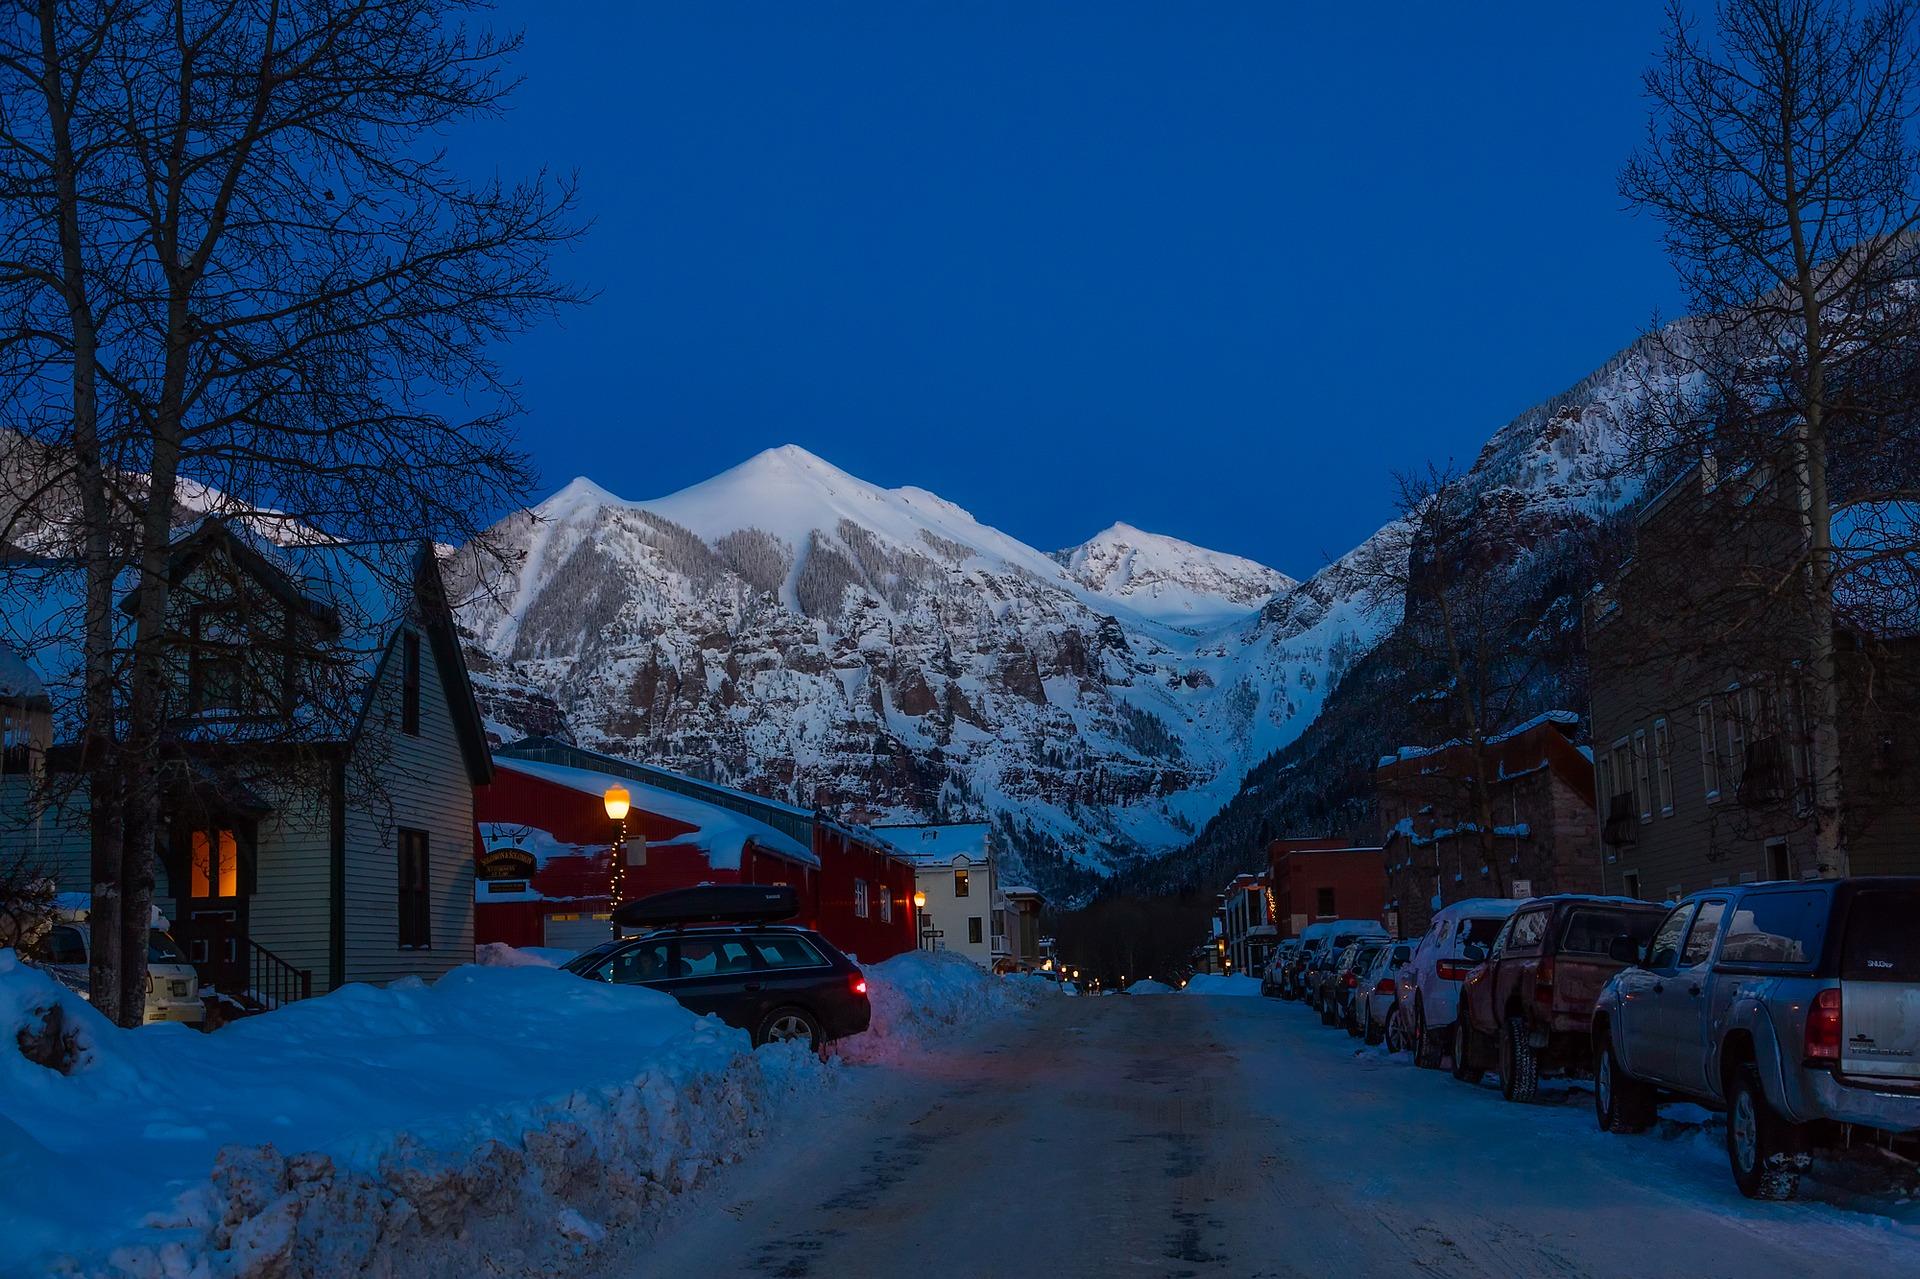 Ski retreat in colorado luxury cabins passion for dubai for Telluride co cabine